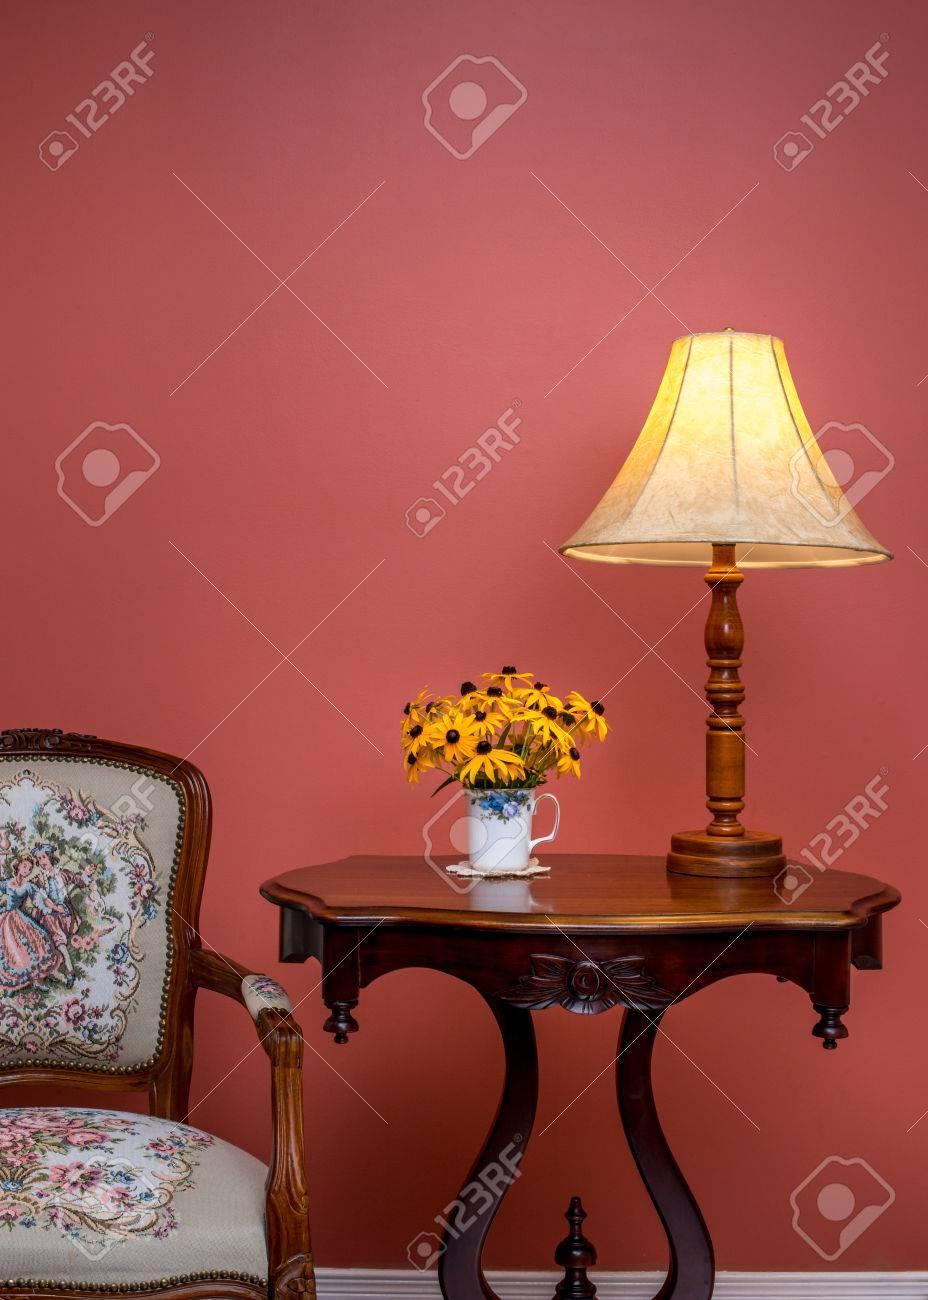 Antieke Retro Stijl Huis Interior.red Muur. Ruimte Voor Tekst ...